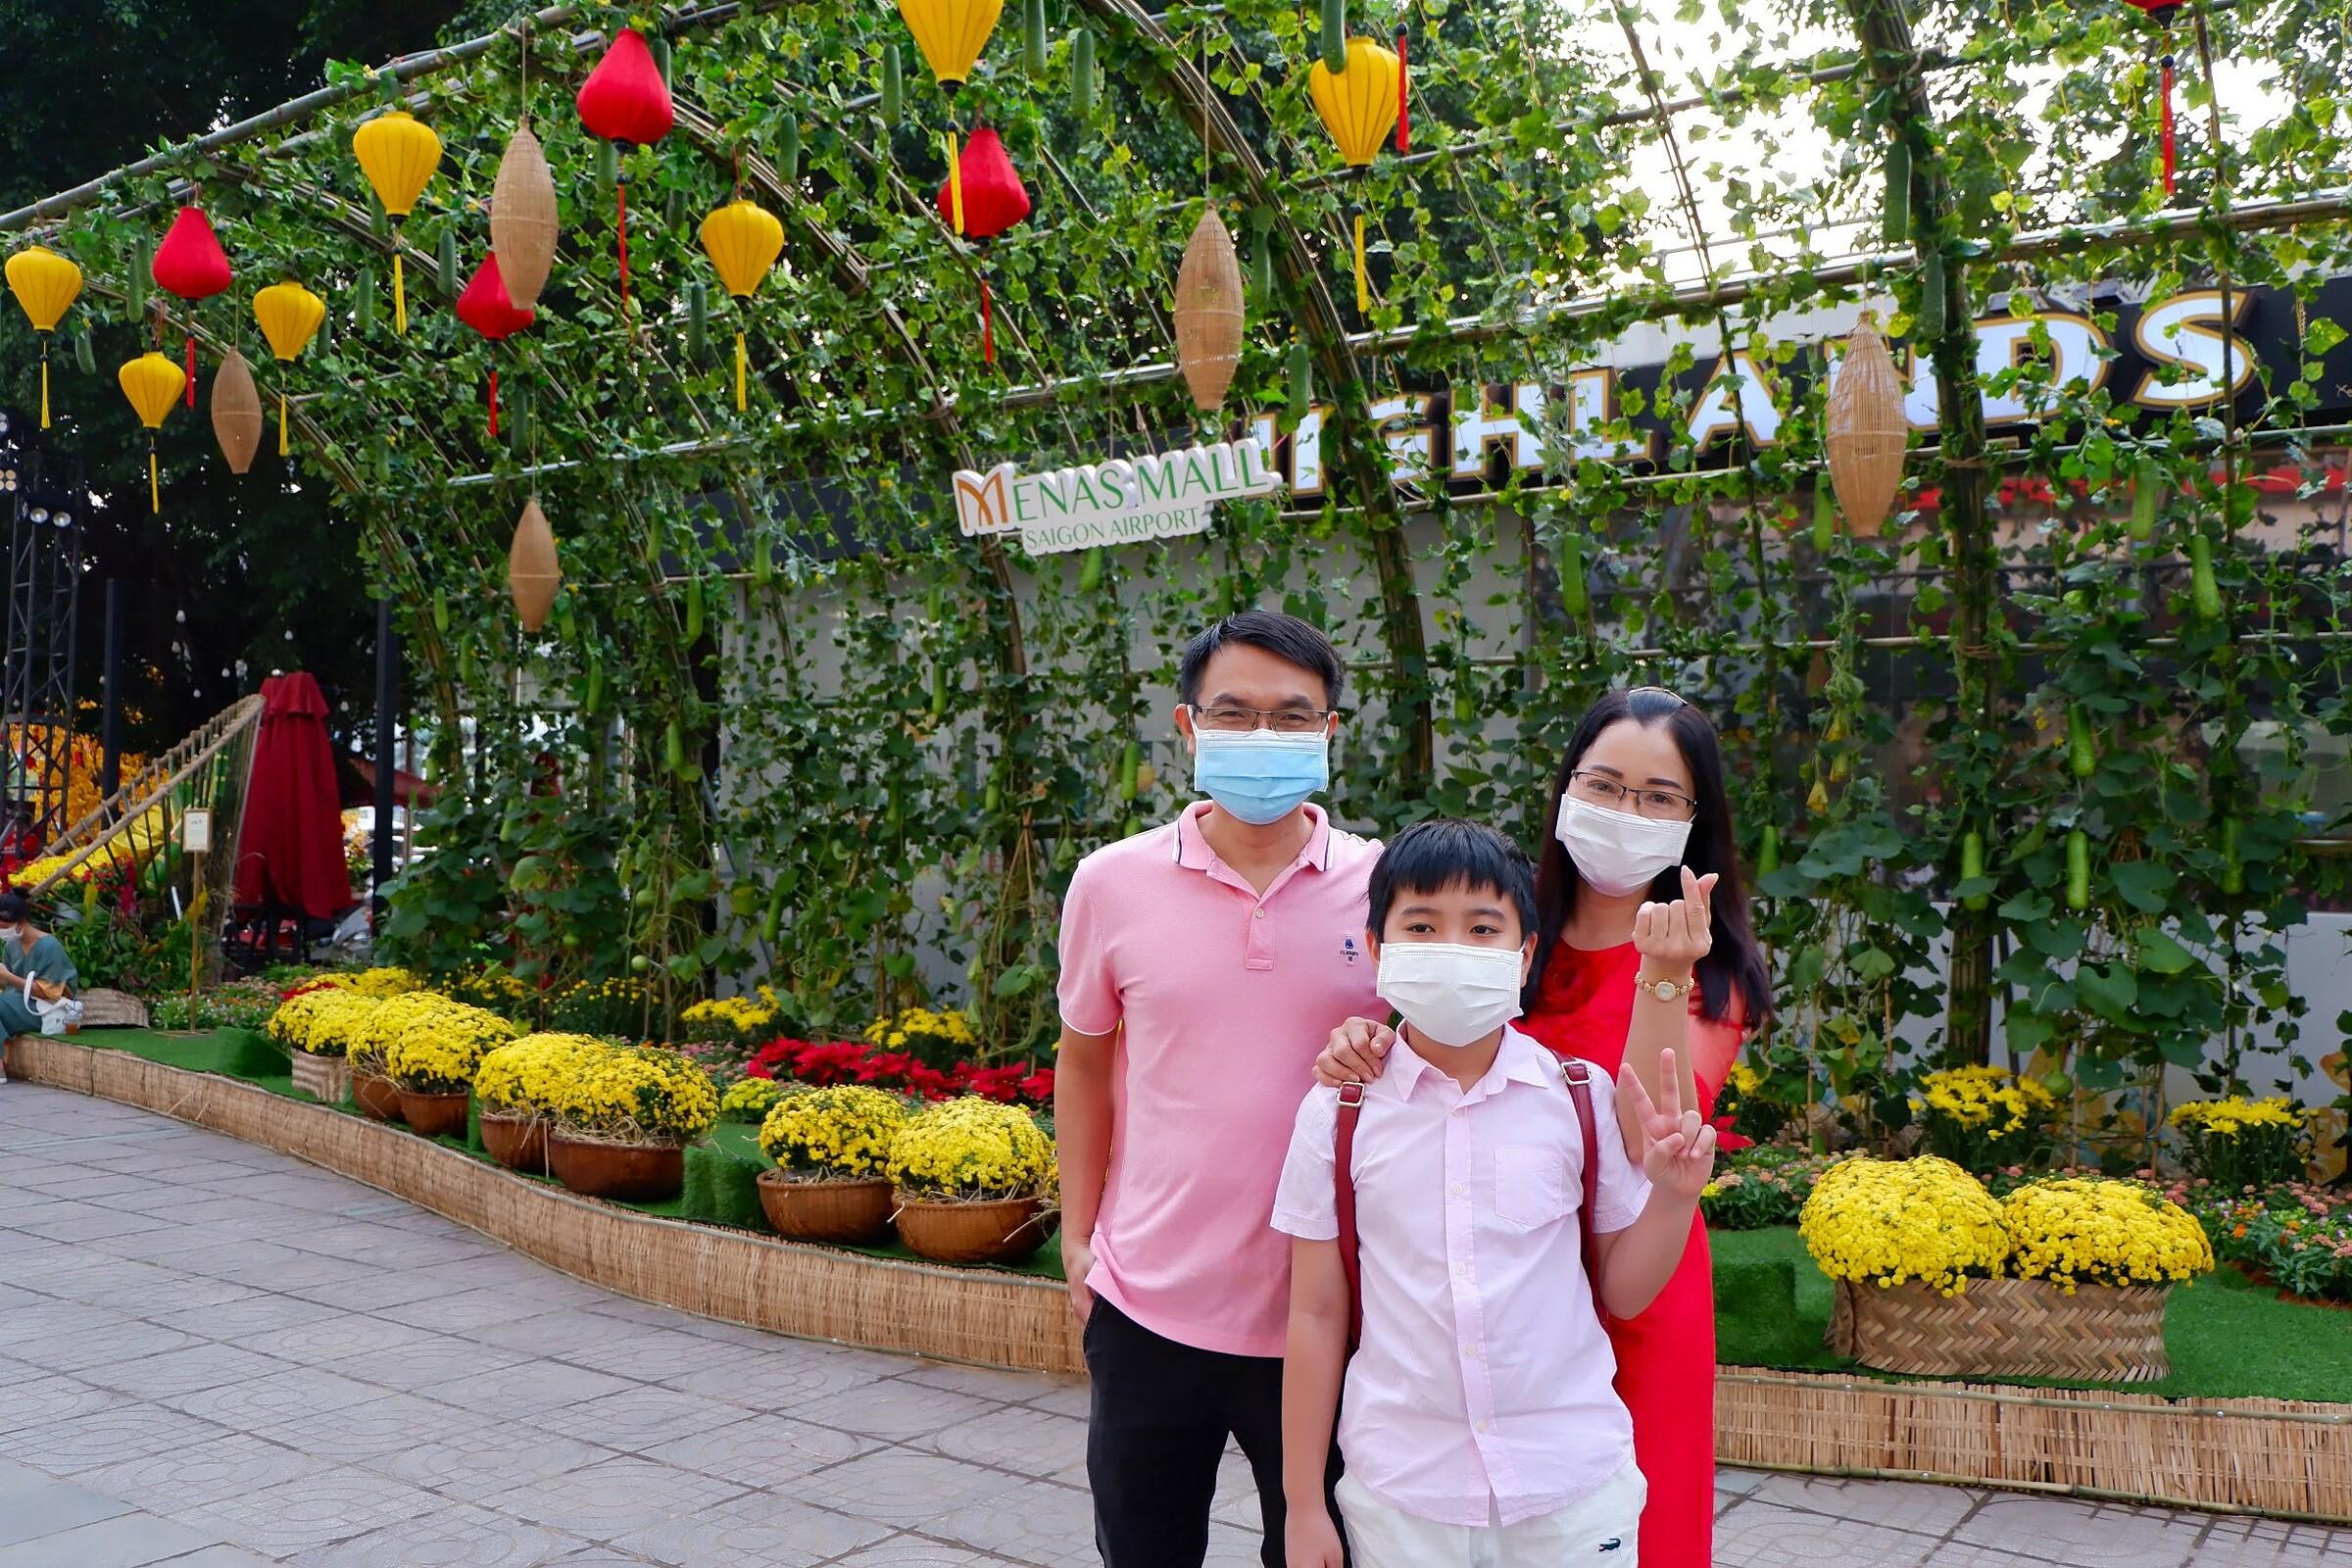 Ngày cận Tết, gia đình anh Hùng quyết định đổi trả vé máy bay để ở lại Sài Gòn. Ông bà nội của bé buồn lắm khi nghe tin này, nhưng họ hiểu và động viên gia đình nhỏ của tôi ăn Tết vui vẻ, anh kể. Trên đường về, anh đi ngang Menas Mall Saigon Airport, thấy có đường hoa trang trí đẹp mắt, anh Hùng quyết định đưa vợ và hai đứa con nhỏ ghé chụp ảnh kỷ niệm.  Trong hình là gia đình chị Hoàng Nguyệt ghé đường hoa tham quan. Ngó sơ đã thấy xuân vào tận cửa rồi. Vừa có dịp ngắm hoa cùng cả nhà, vừa có dịp mua sắm ăn uống, mình rất thích, chị chia sẻ.